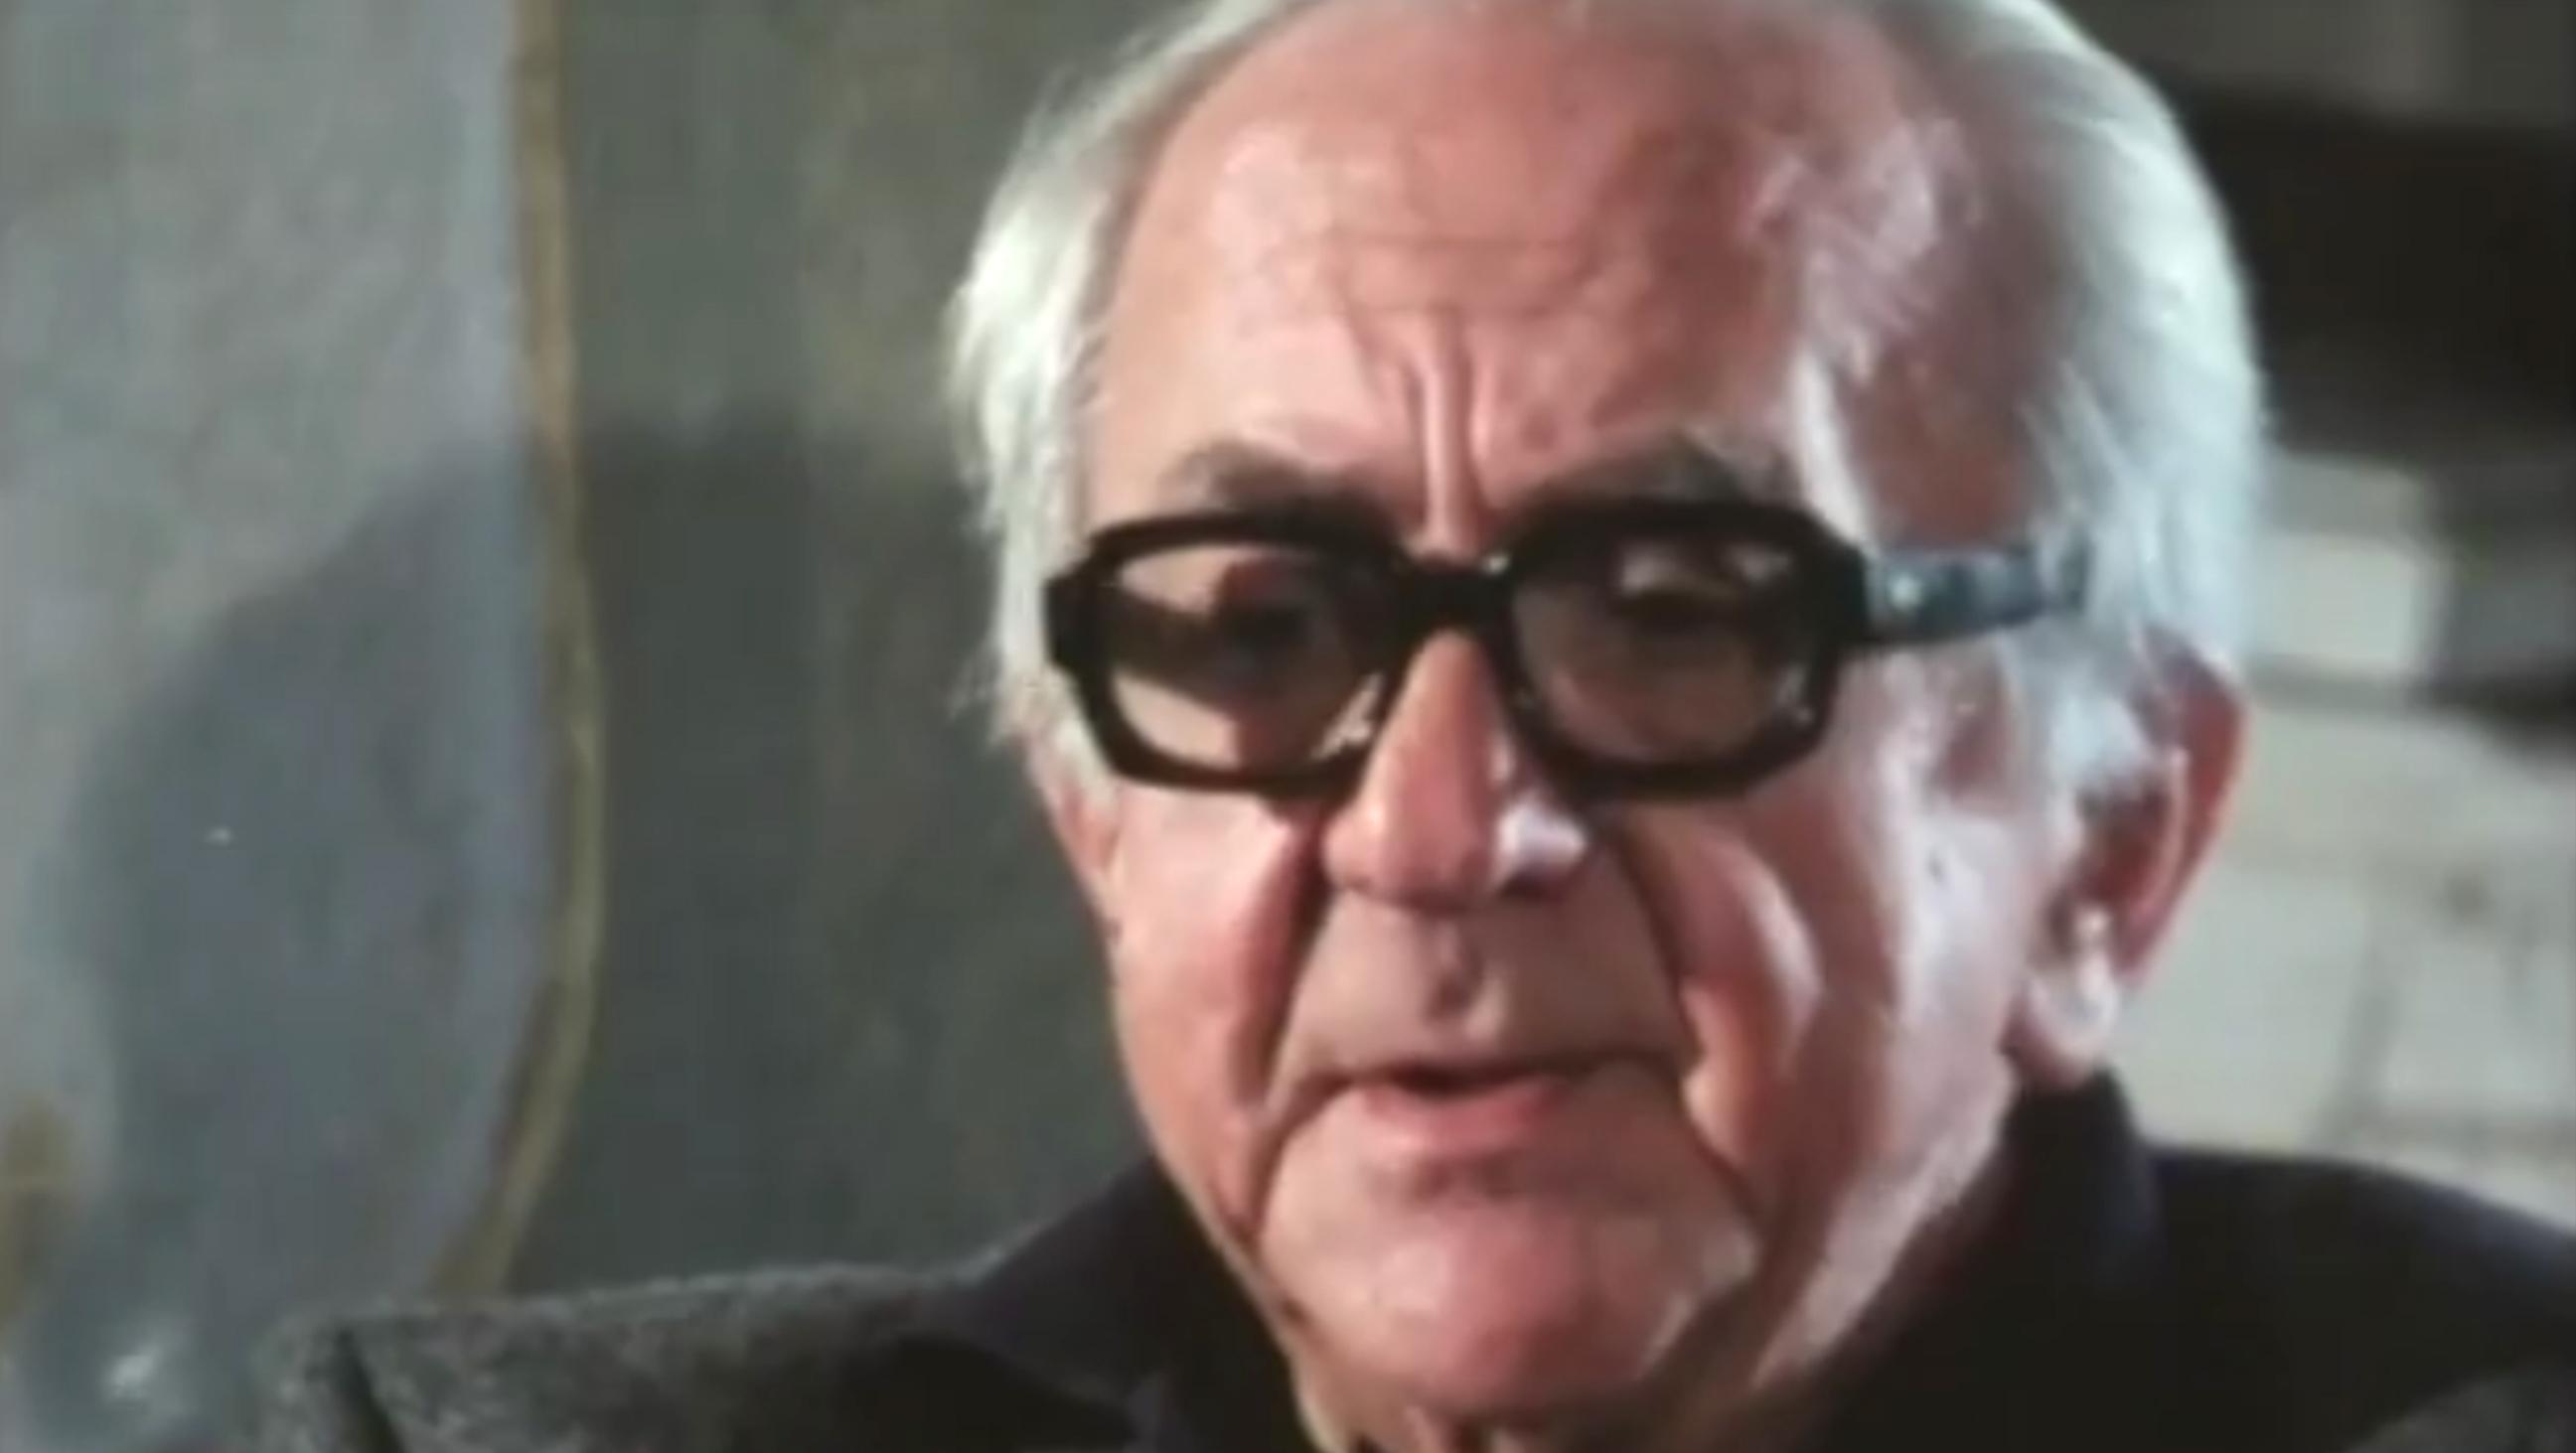 Νίκος Νικολάου, ζωγράφος -27 Ιουλίου 1986 - ERT.GR